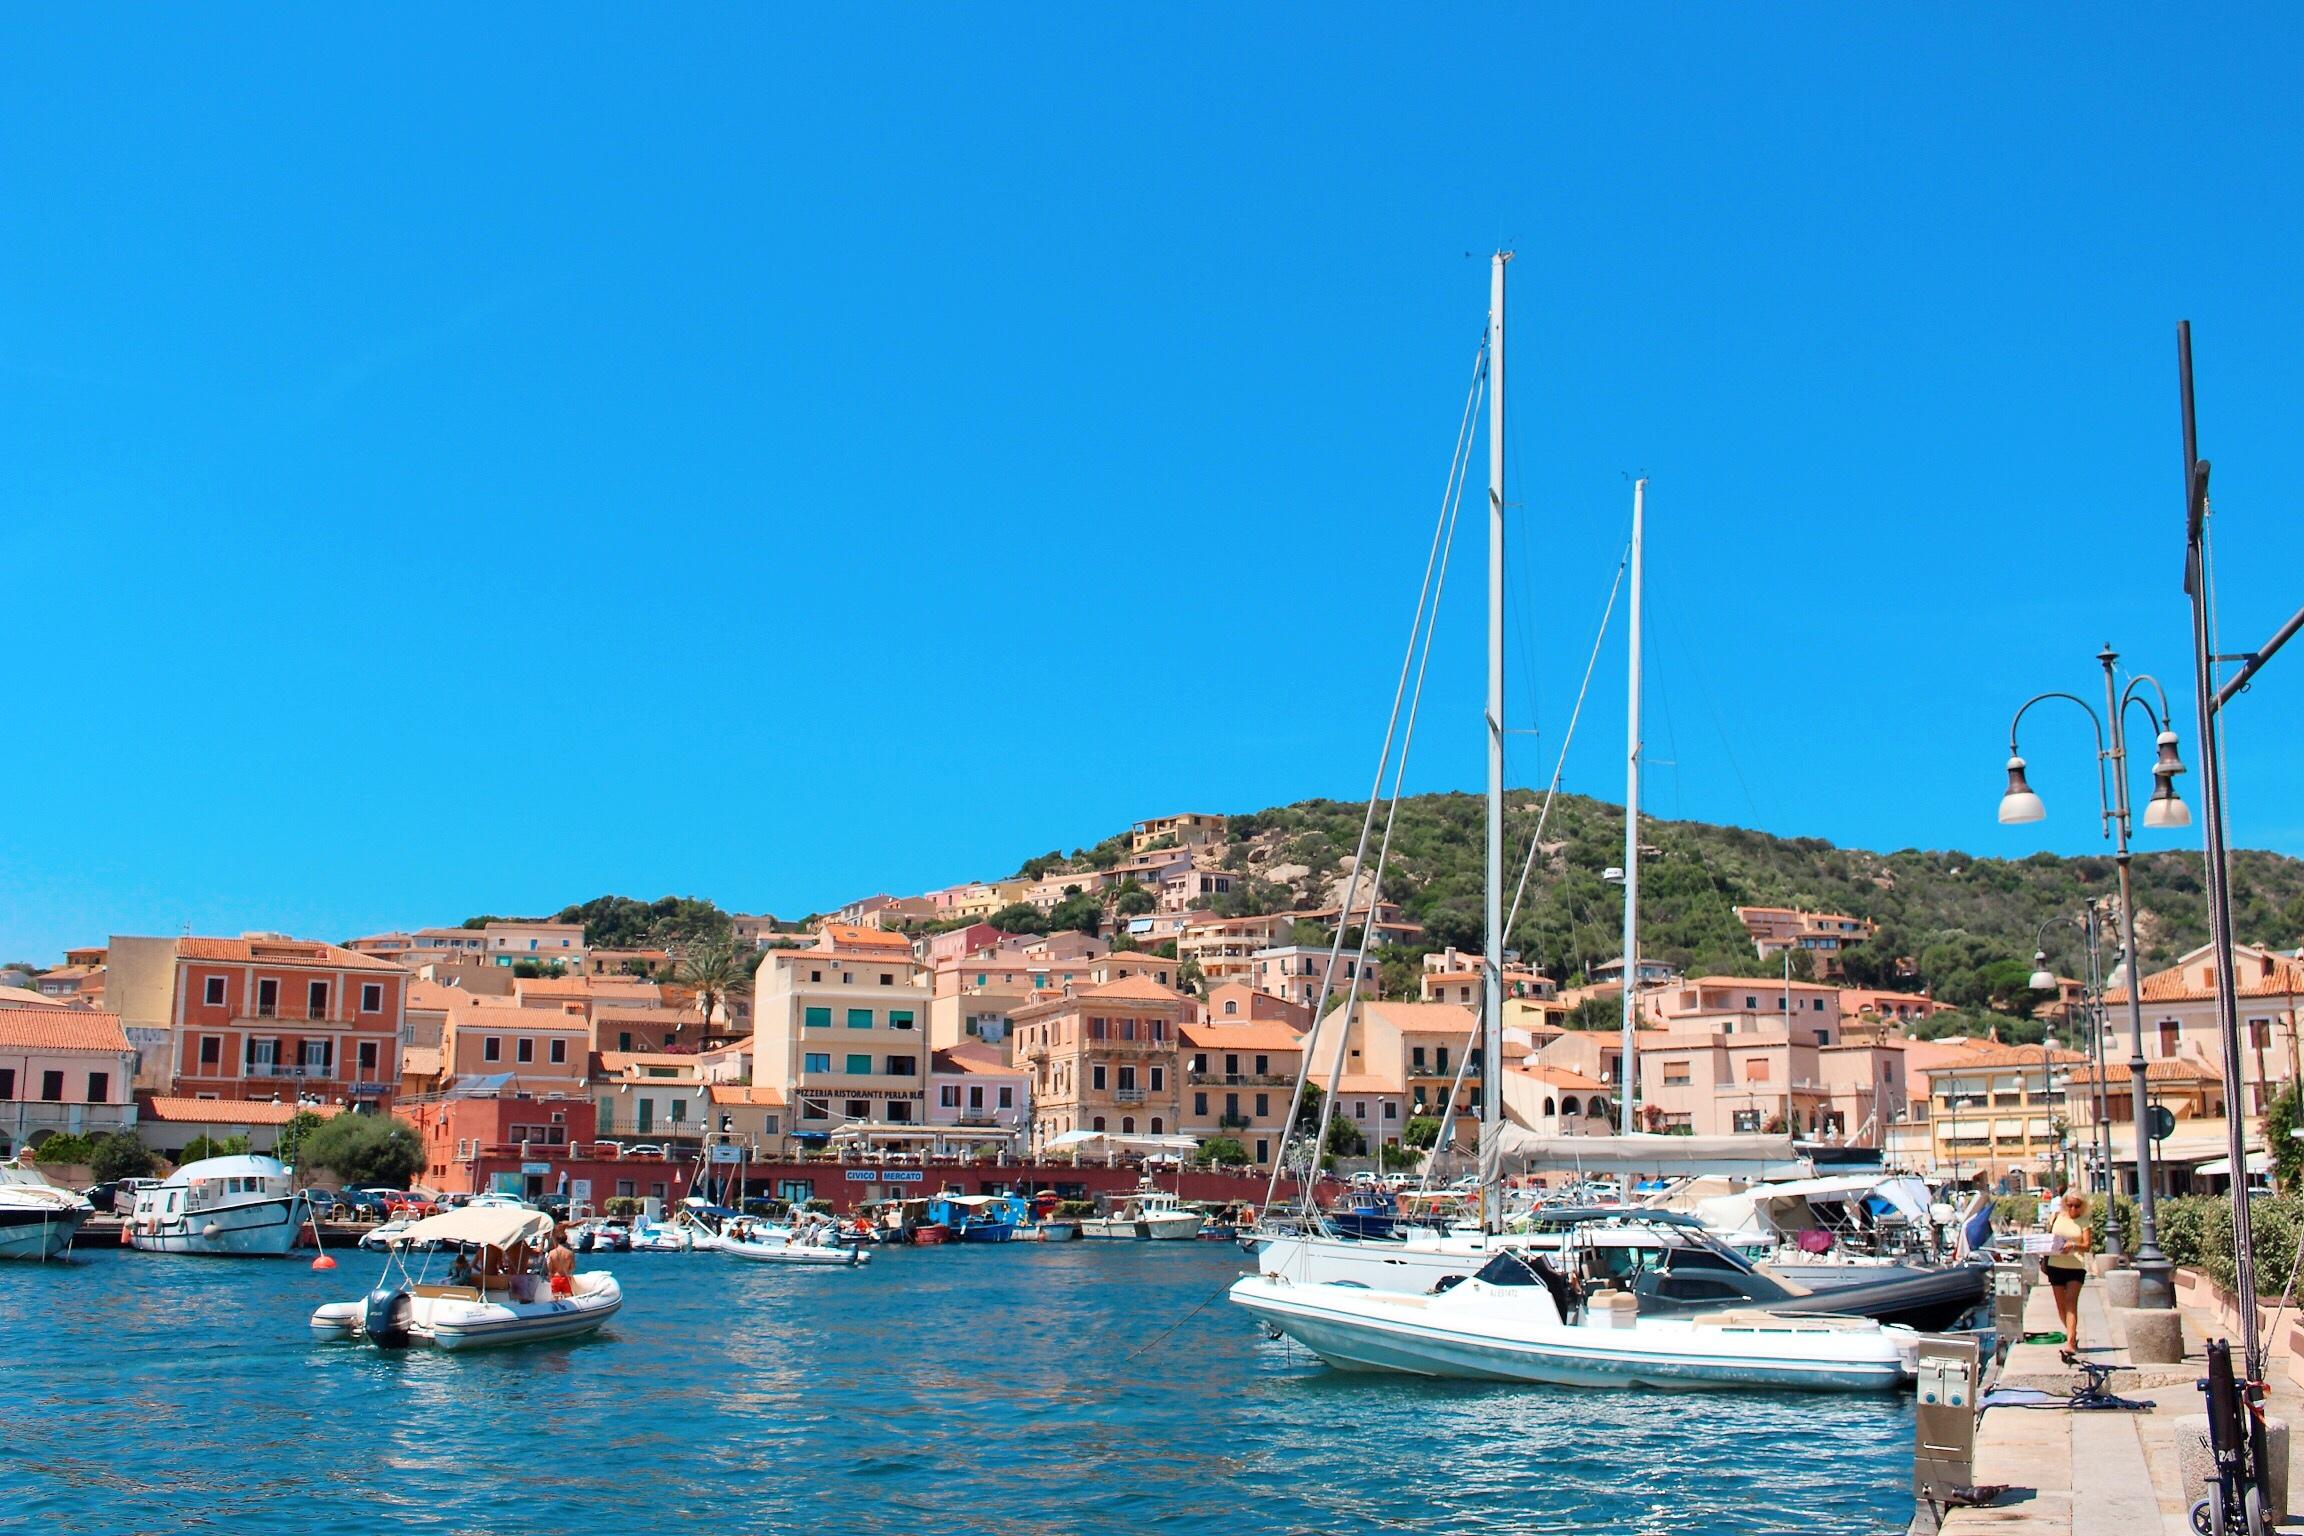 Il porto dell'isola di La Maddalena